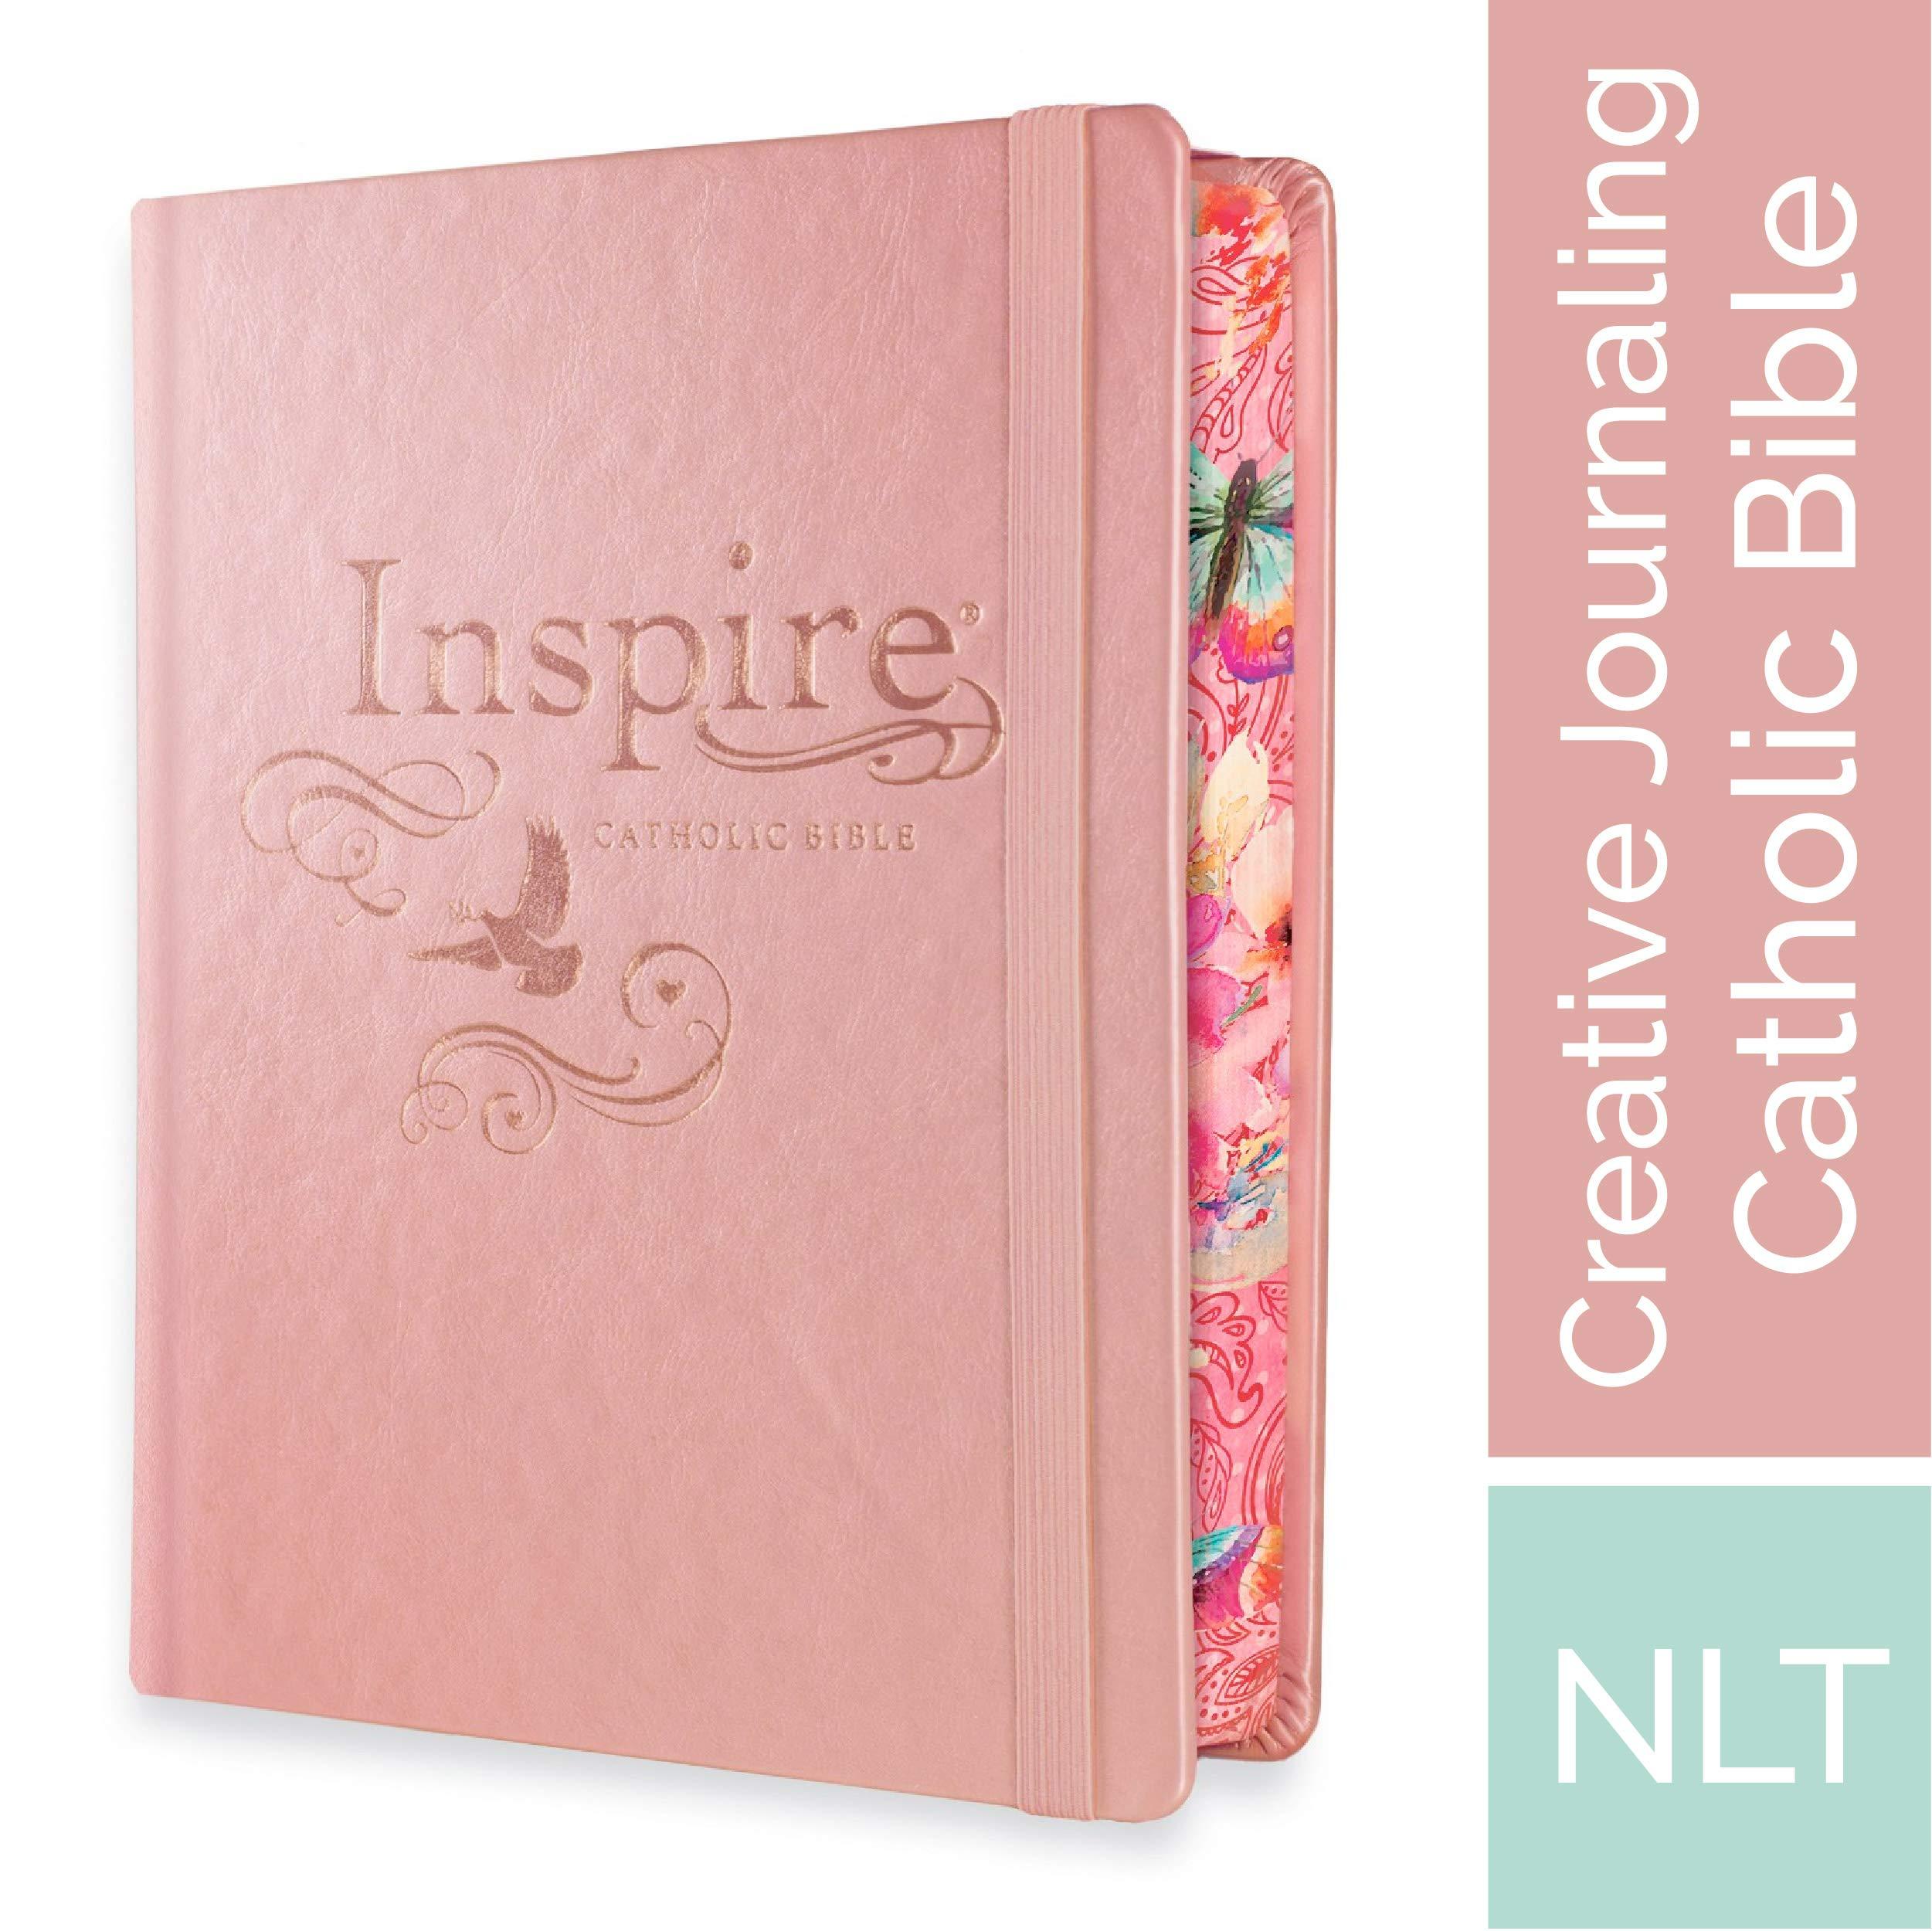 Tyndale NLT Inspire Catholic Bible (Hardcover, Rose Gold